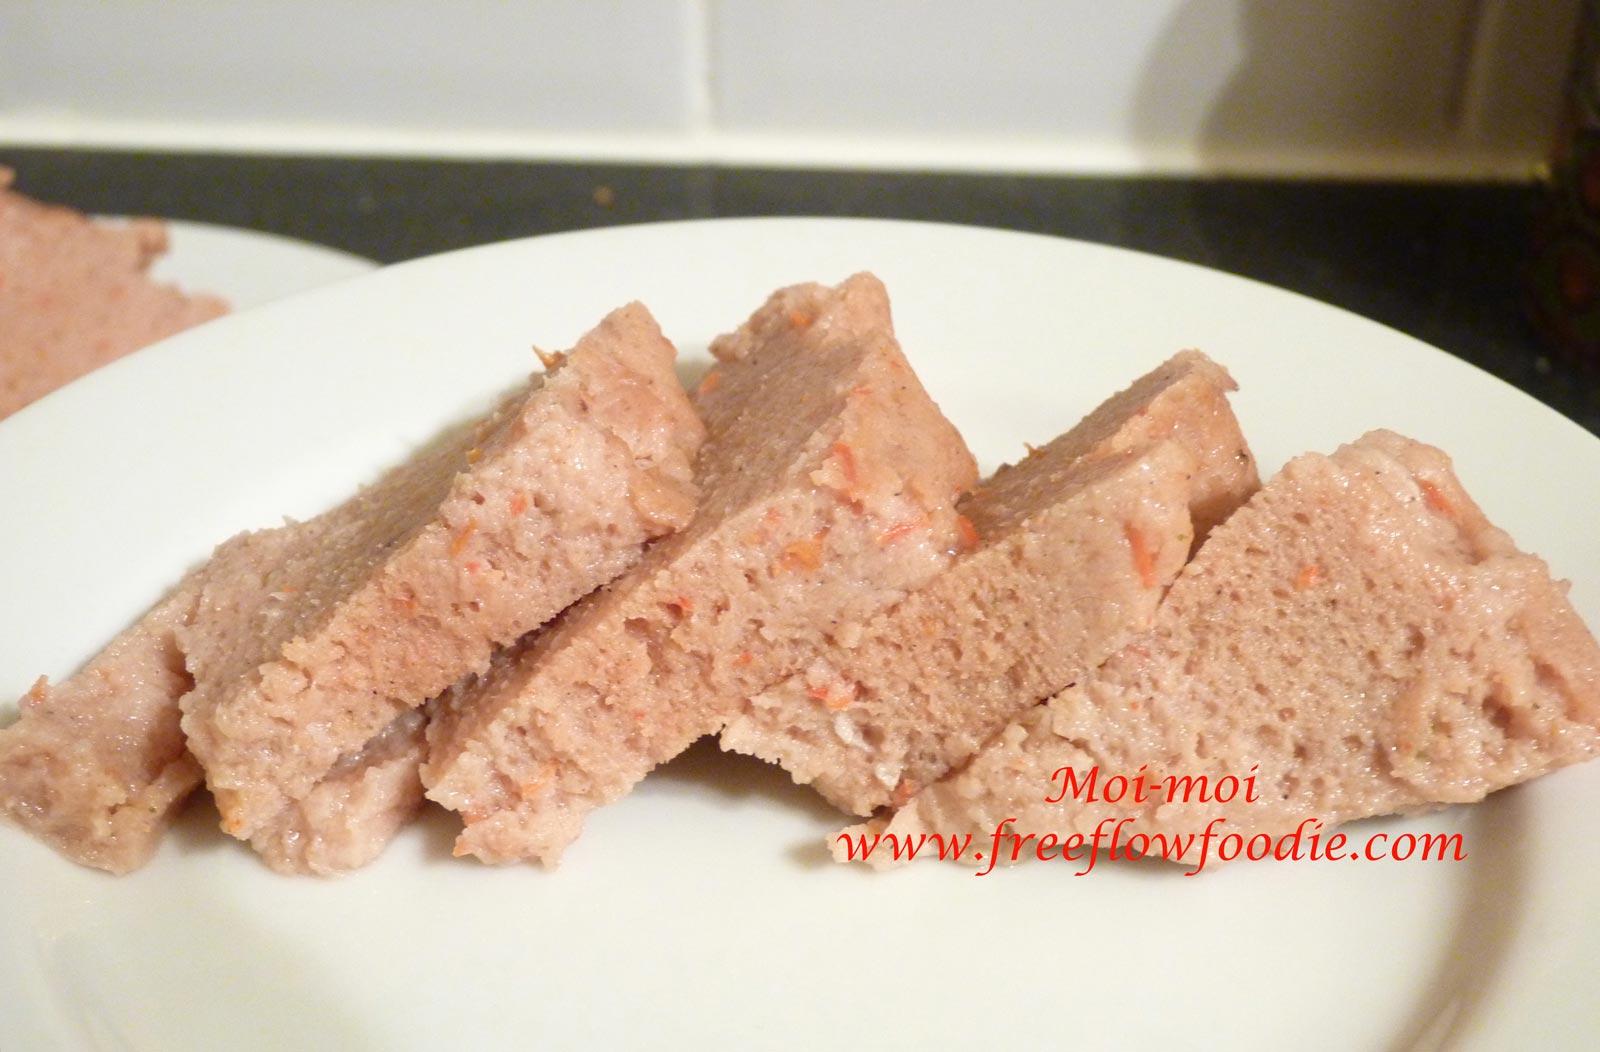 moimoi2-Freeflow-foodie